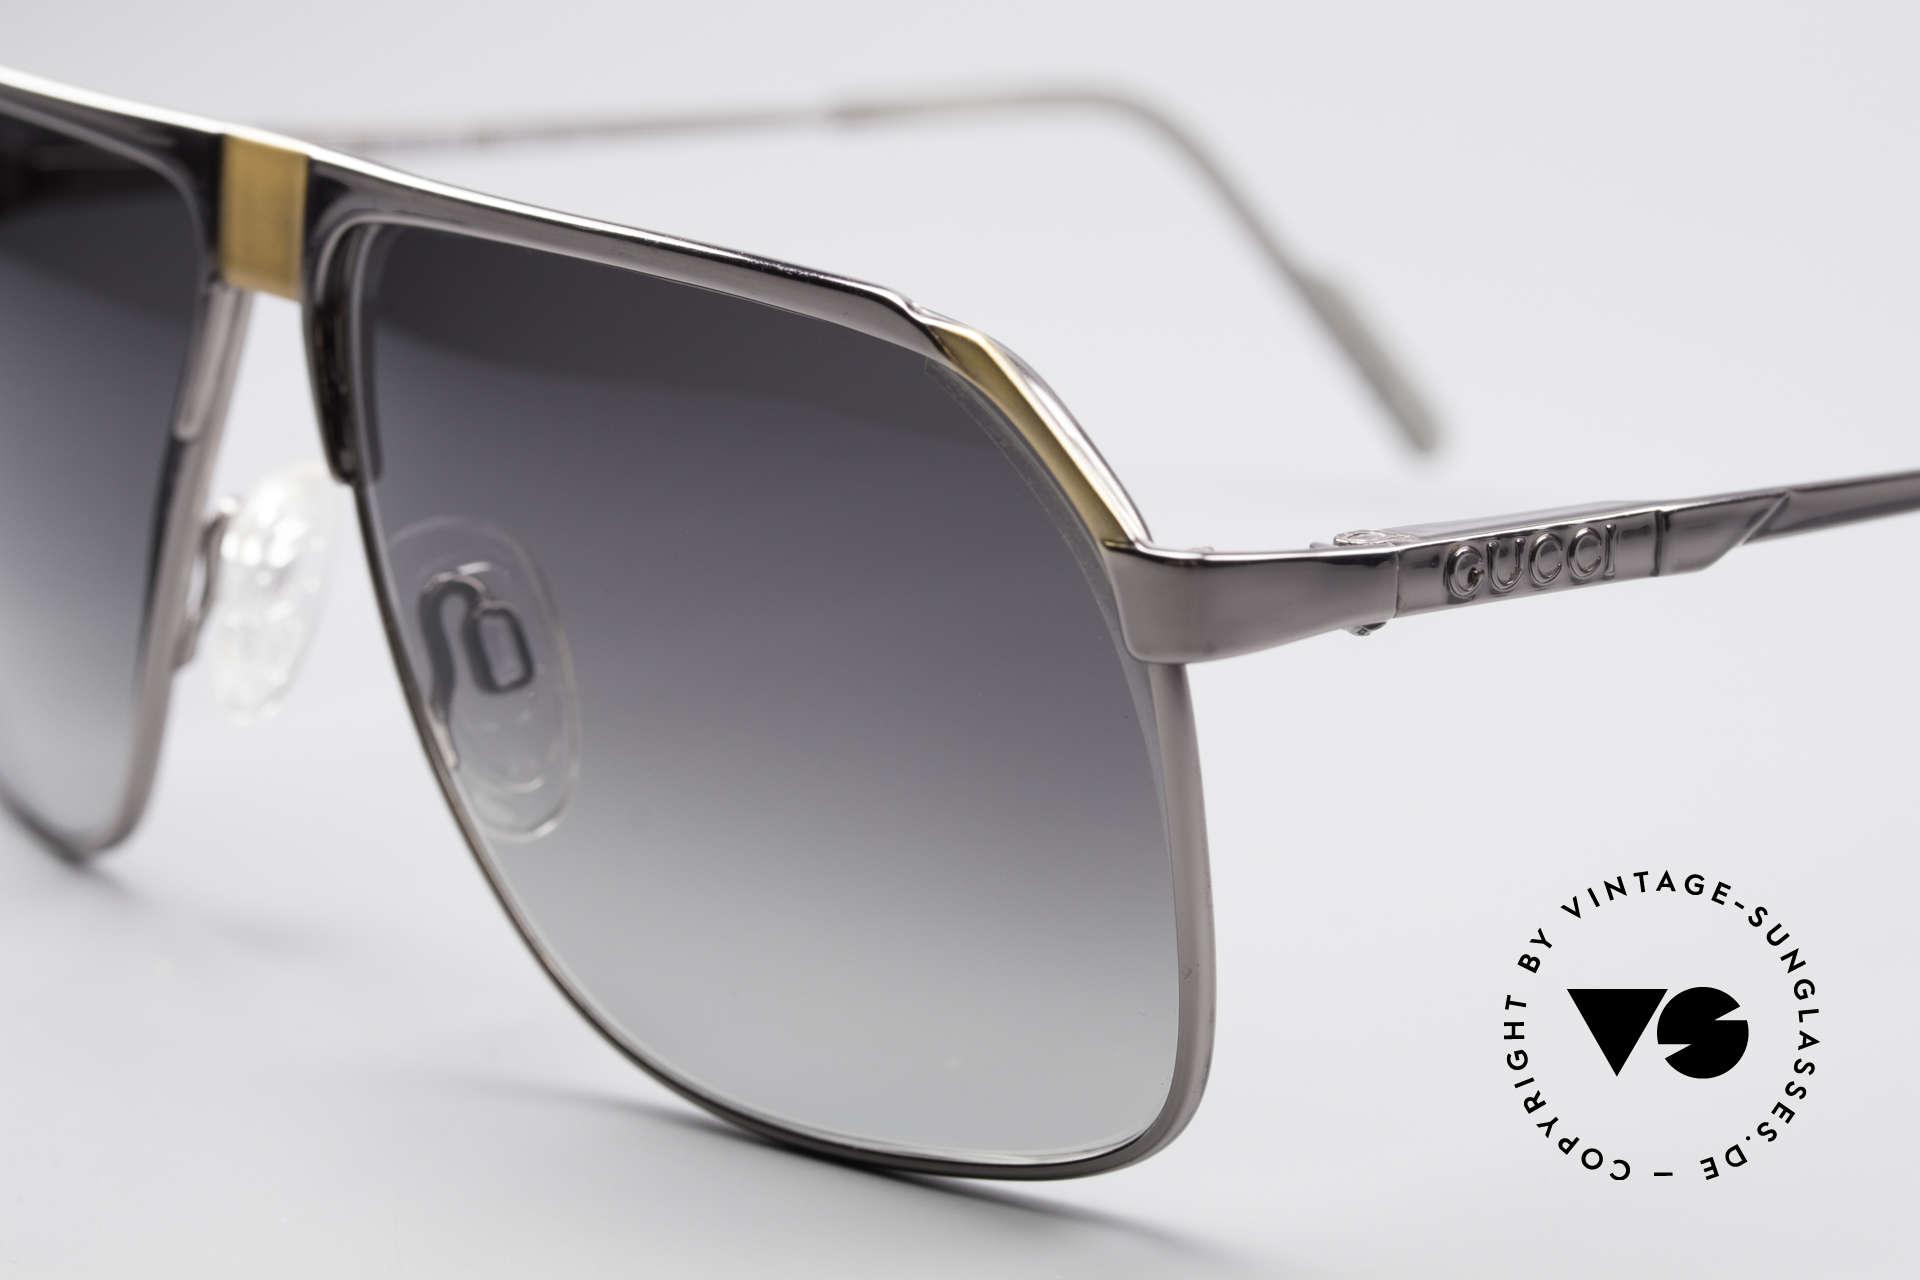 Gucci 1200 80er Luxus Sonnenbrille, ungetragen; mit Gläsern in grau-Verlauf (100% UV), Passend für Herren